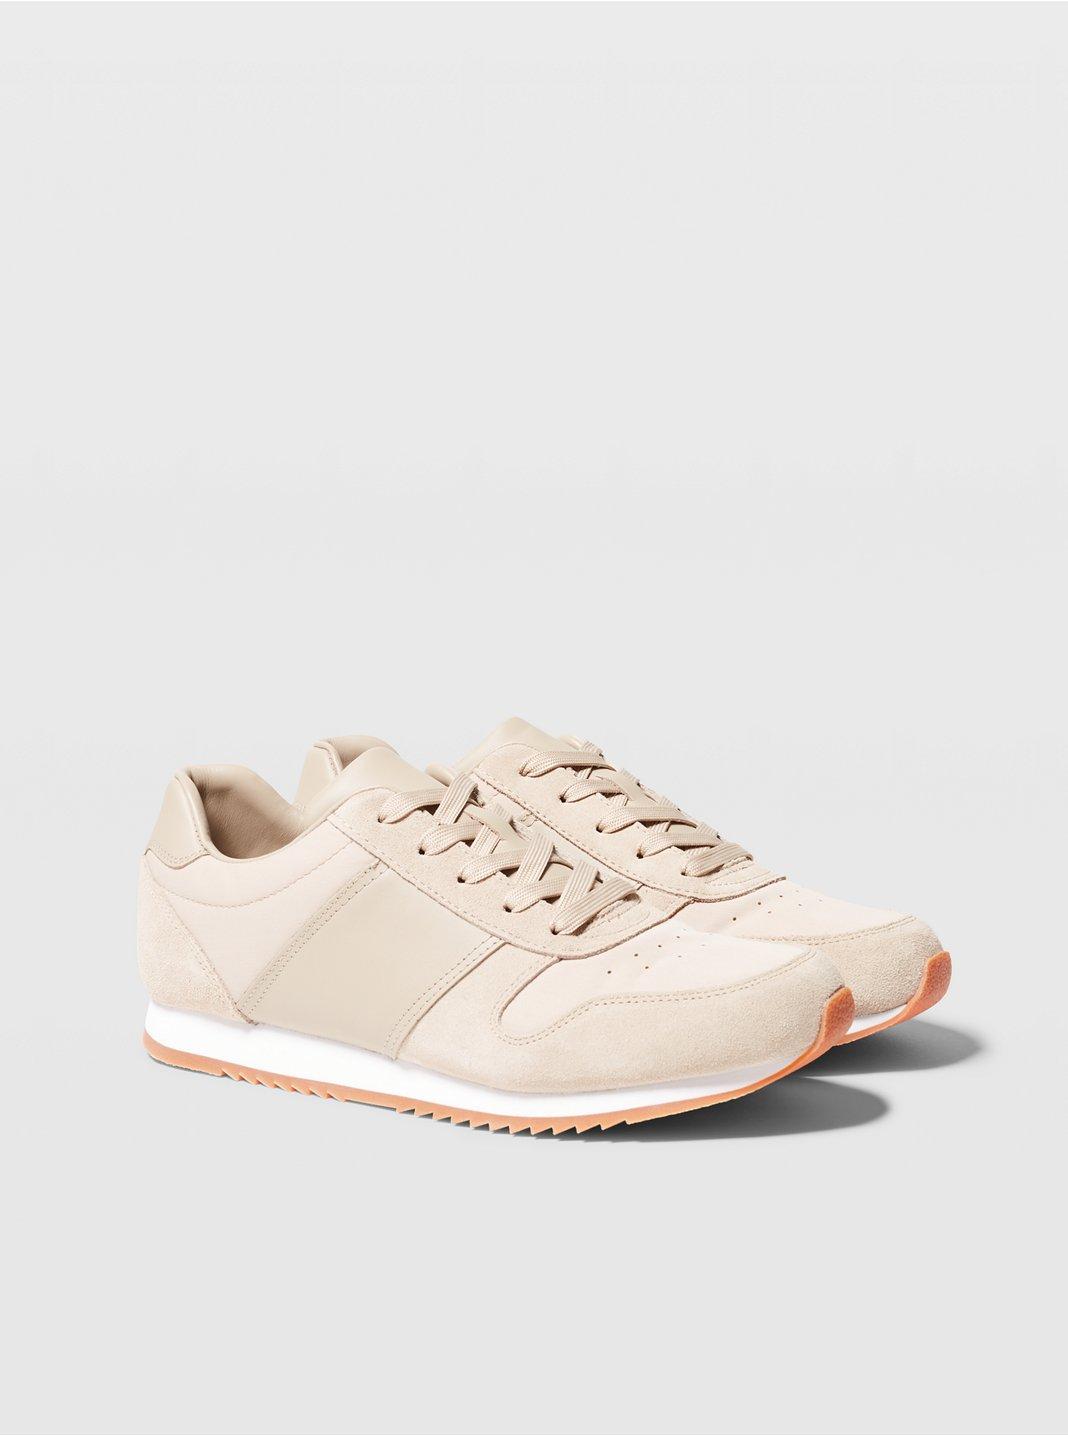 Club Monaco Runner Sneakers